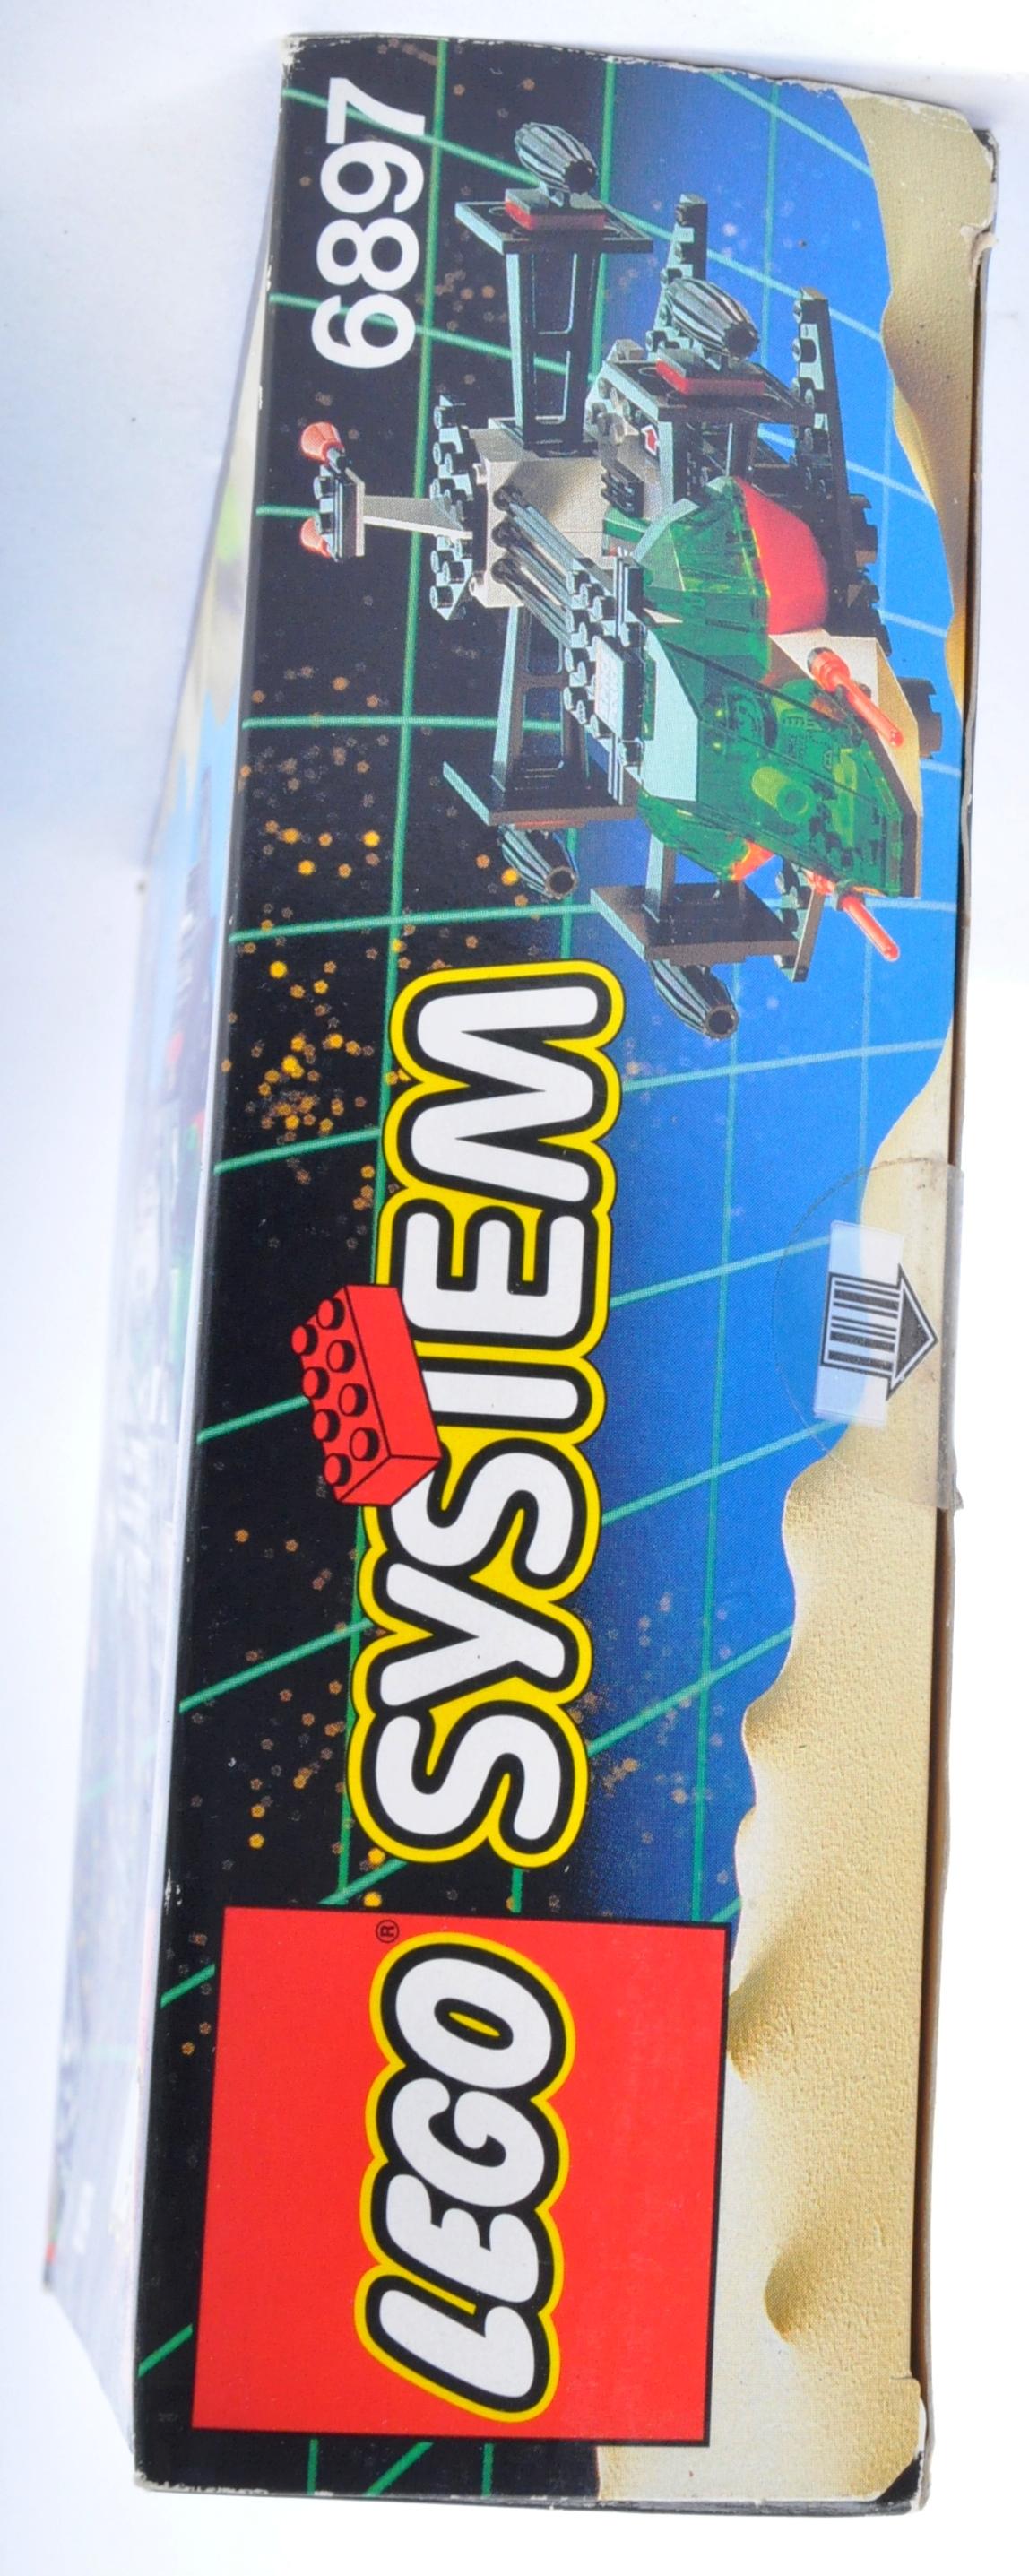 LEGO SET - LEGO SYSTEM - 6897 - REBEL SPACE HUNTER - Image 4 of 4